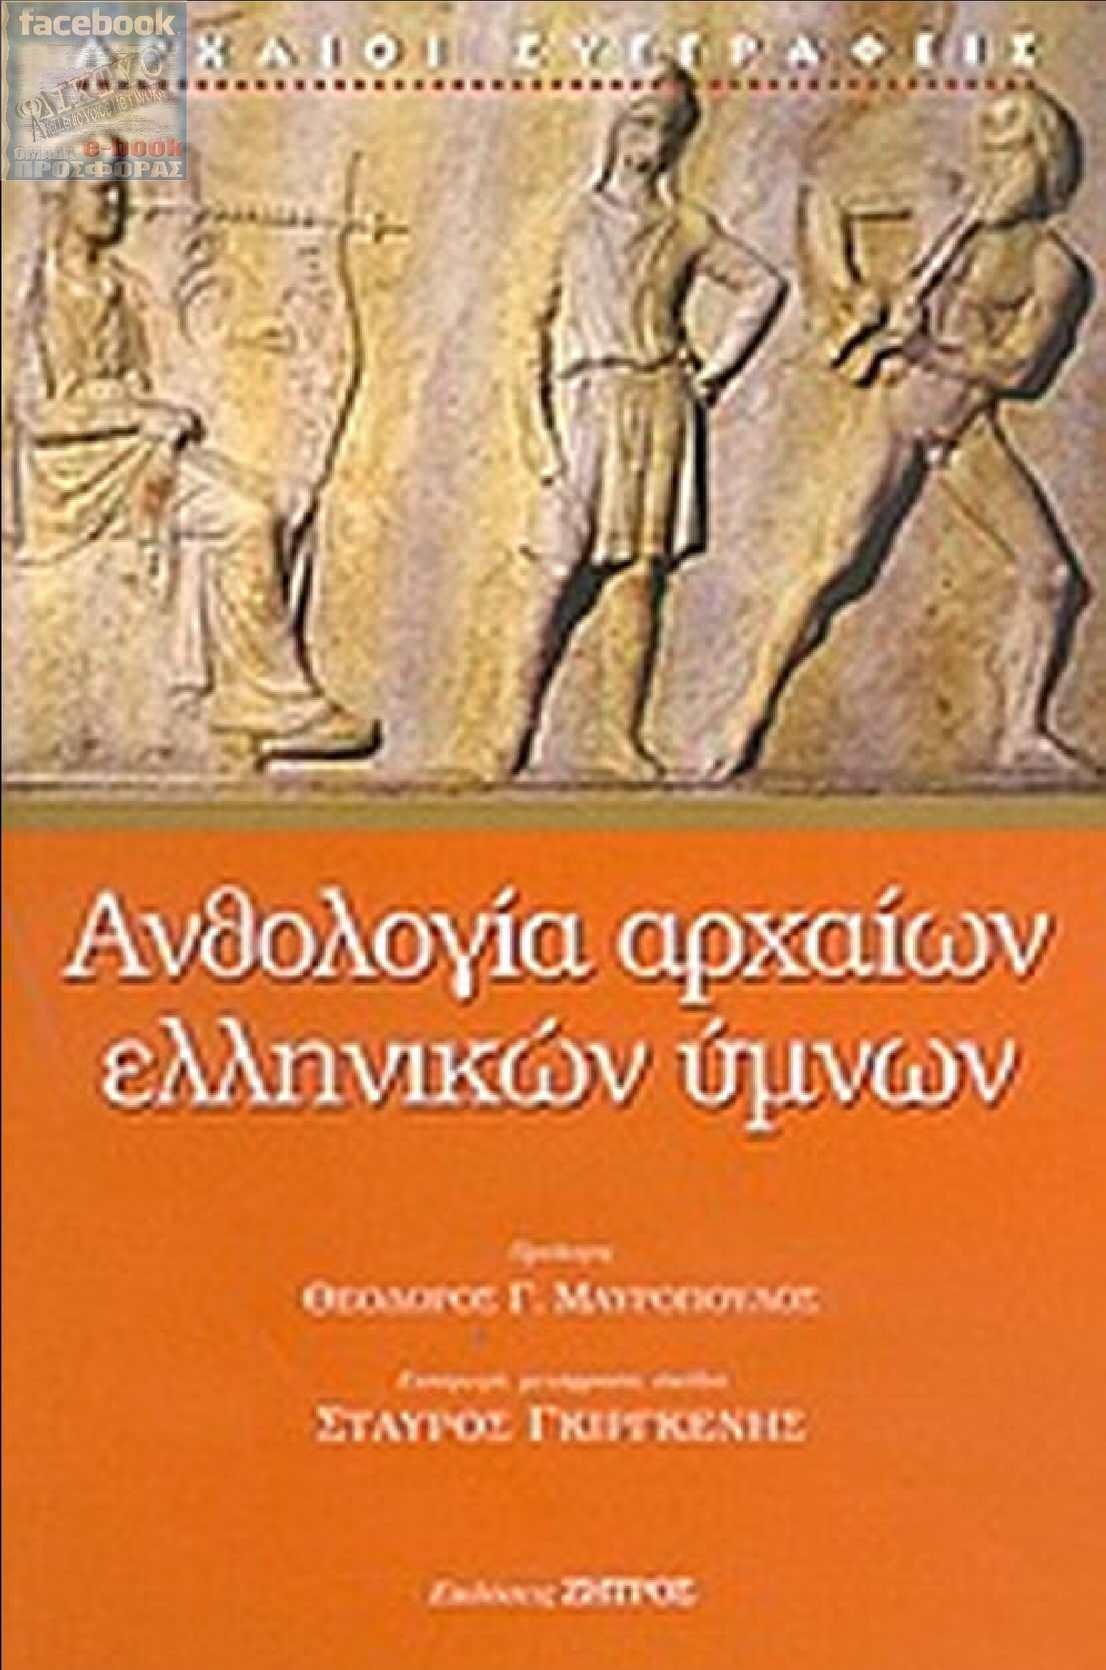 Ανθολογία Αρχ. Ελληνικών Ύμνων – http://www.projethomere.com